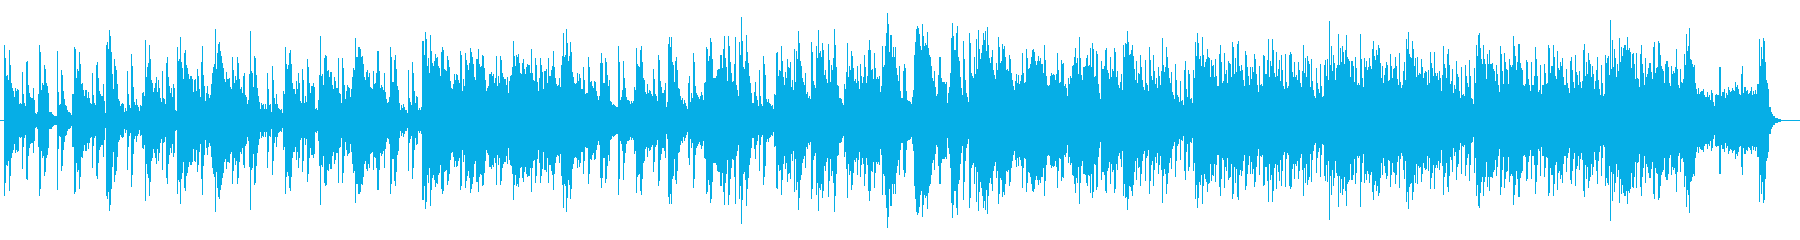 美しく奇麗なシンセサイザーサウンドの再生済みの波形